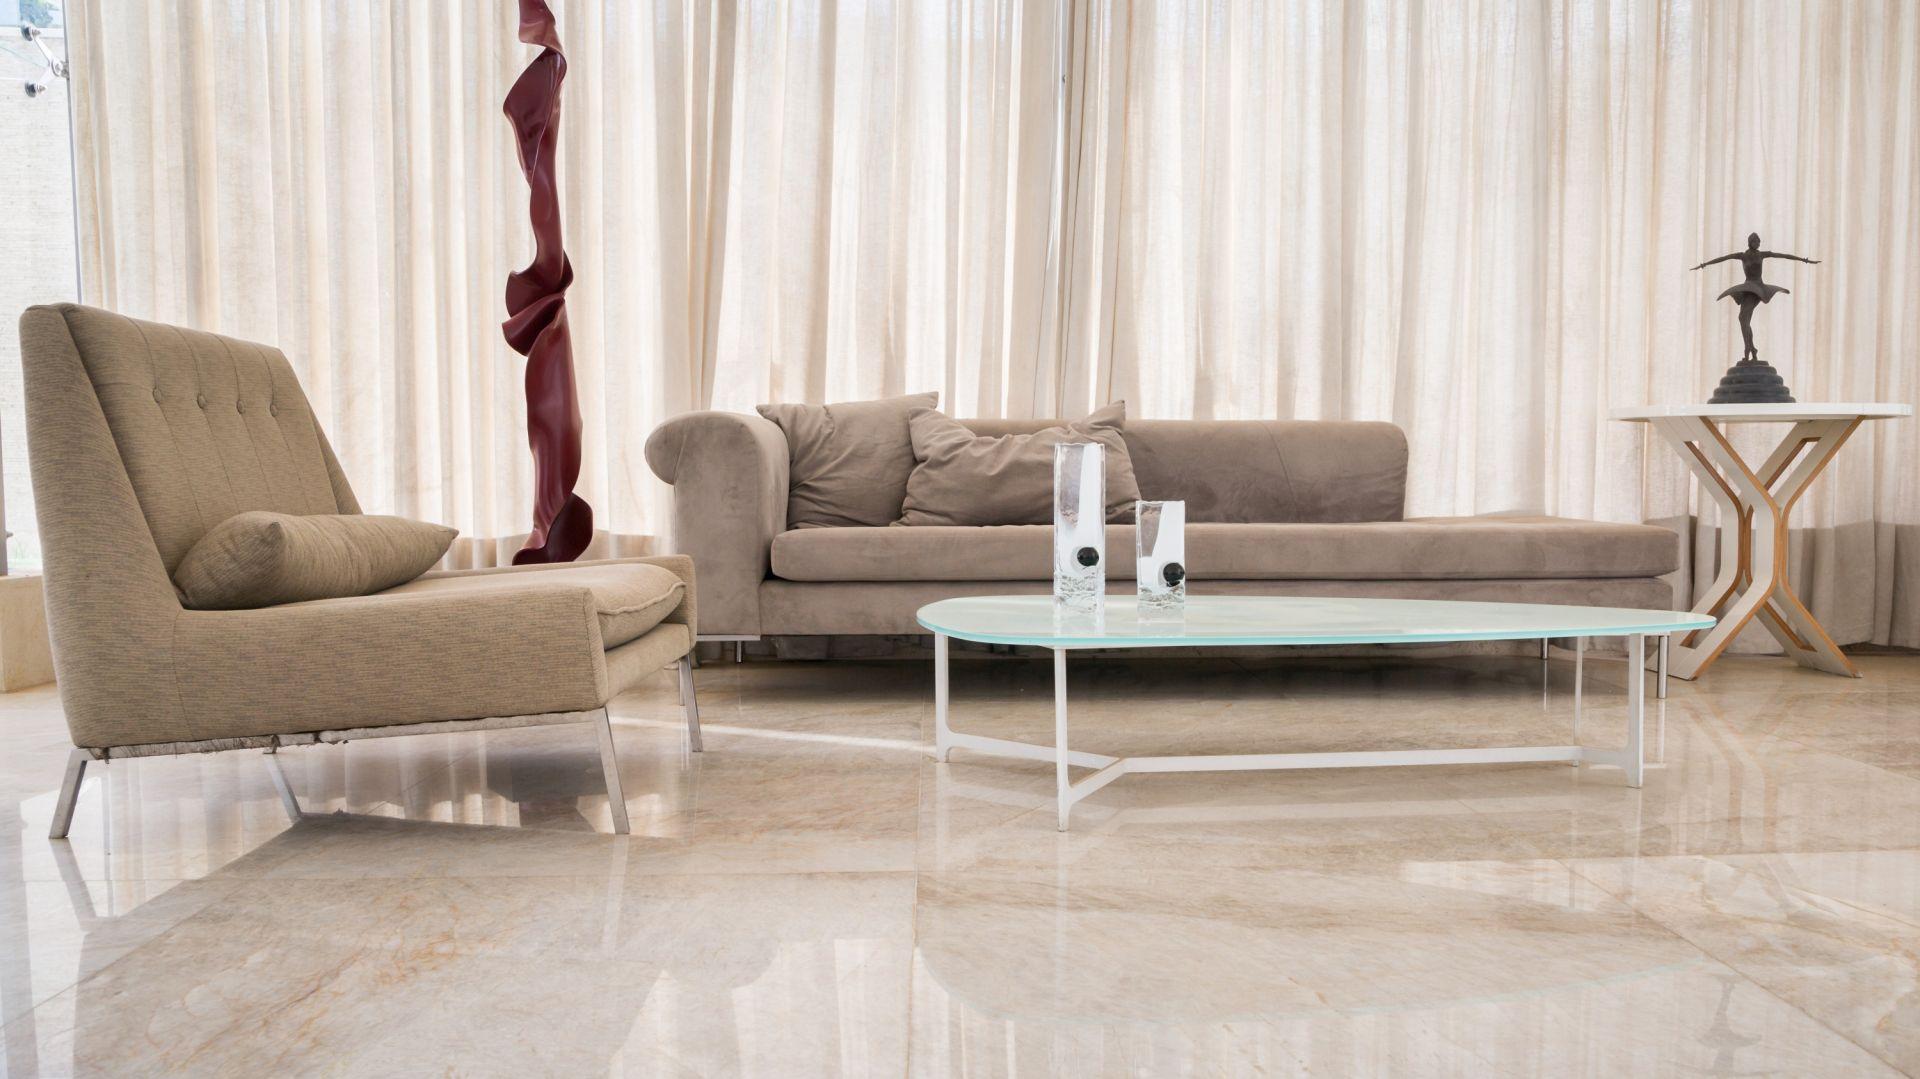 Brazylijski kwarcyt dzięki swoim doskonałym właściwościom technicznym będzie idealnym materiałem wykończeniowym na blaty i wyspy kuchenne, parapety czy okładziny ścienne. Fot. Interstone Perla Santana